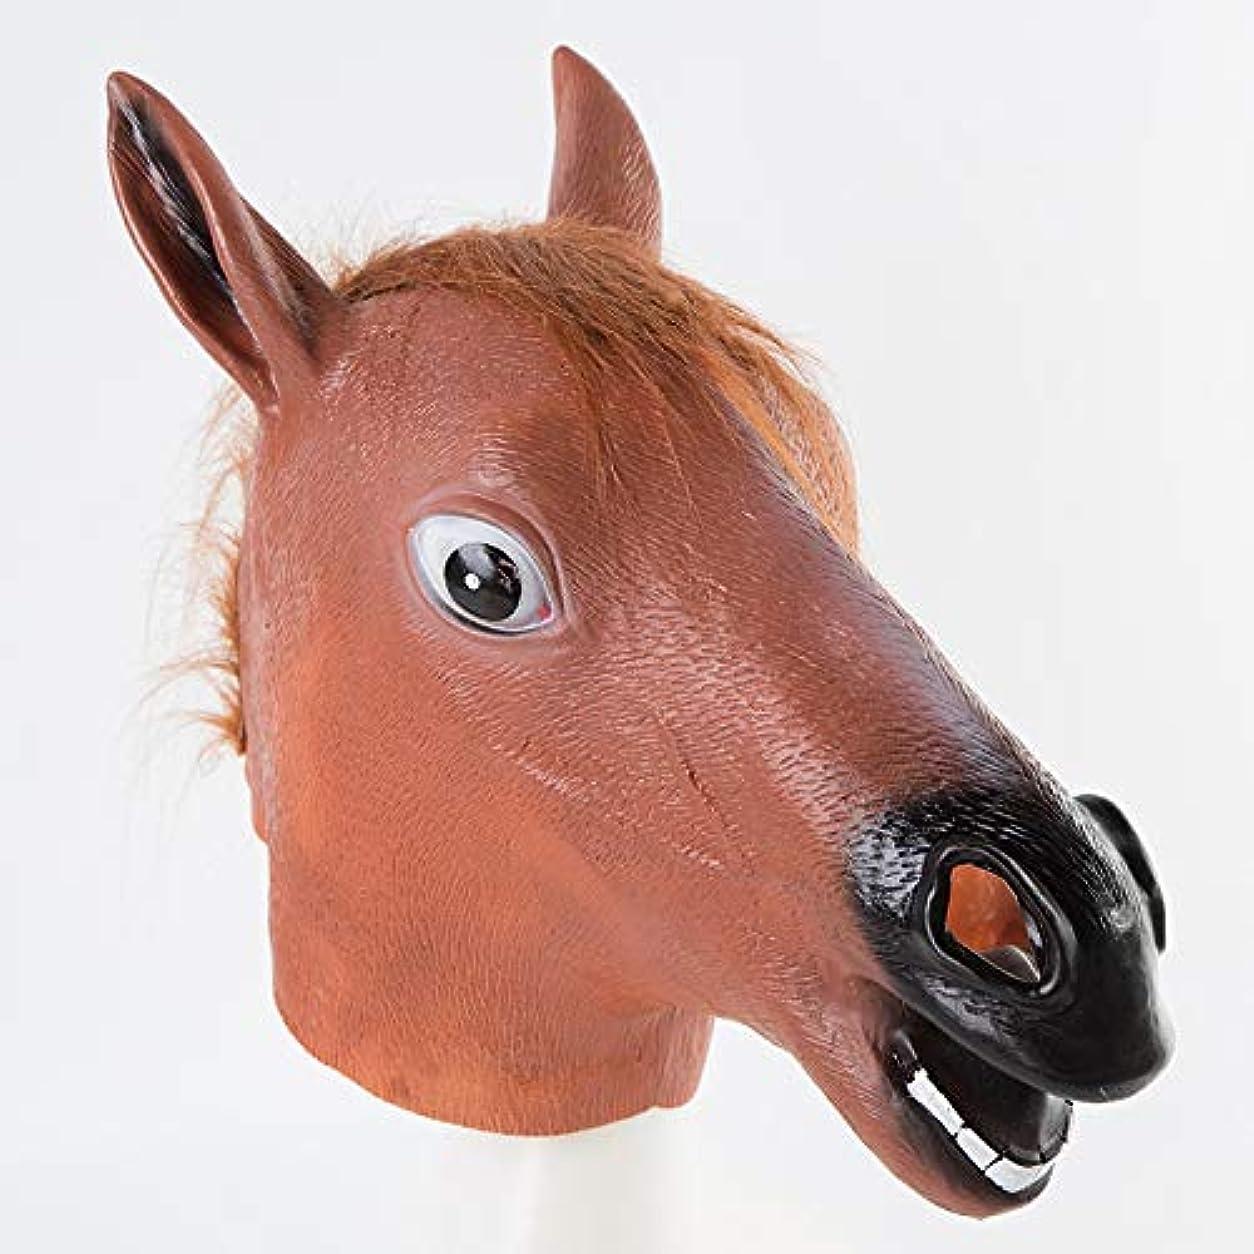 茎動機イタリアの馬の頭のマスク動物の帽子ハロウィンの馬のマスク馬の頭の男の帽子